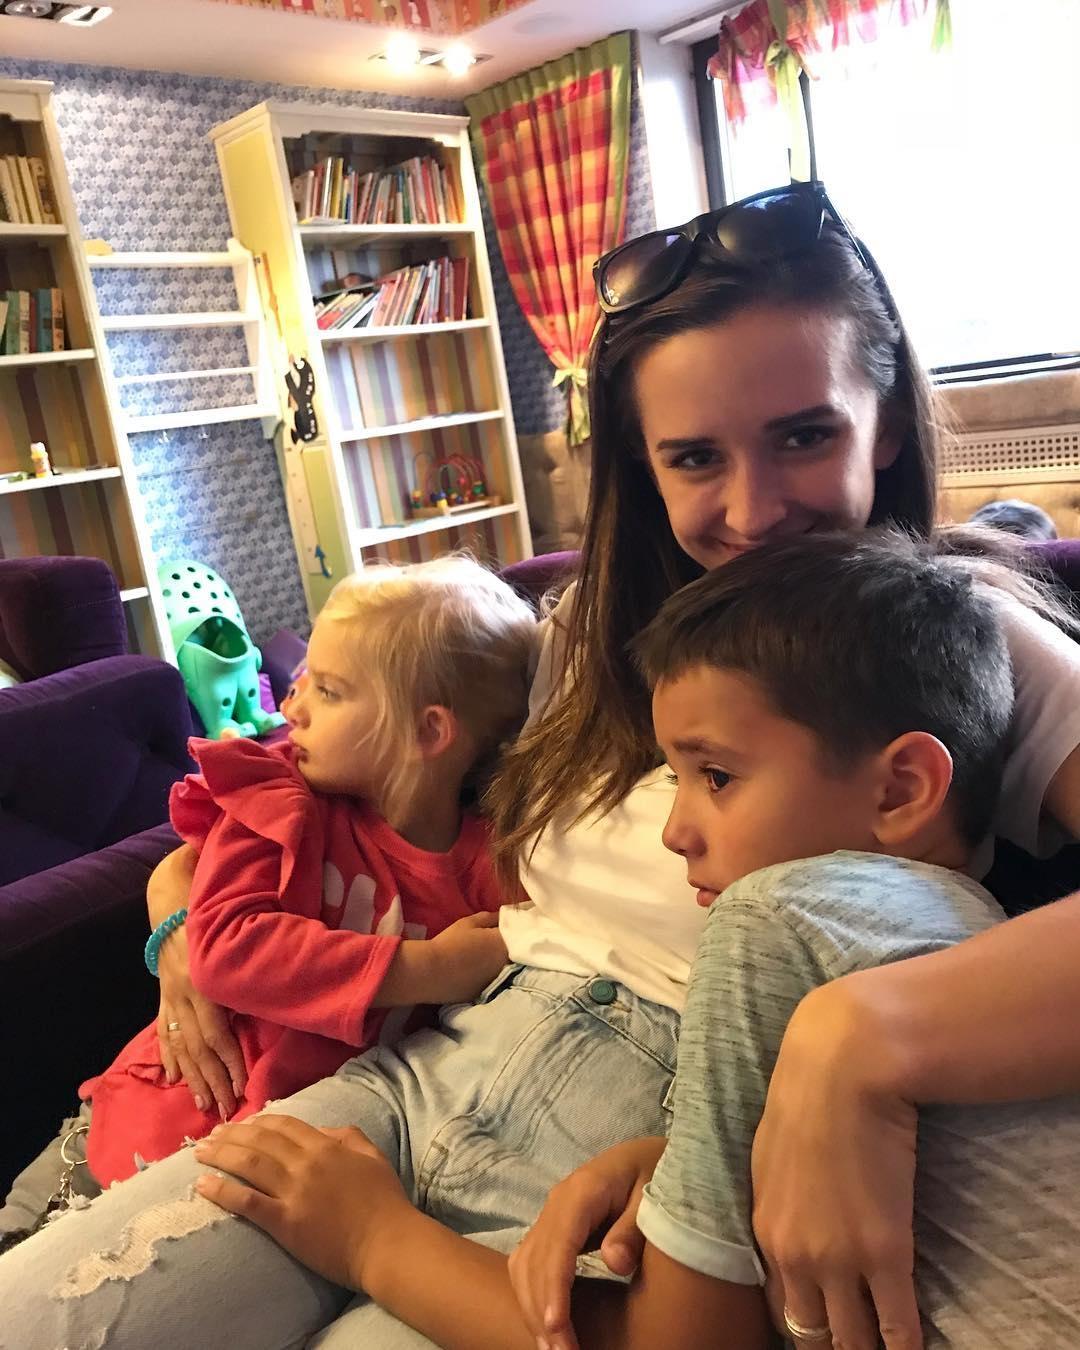 Маргарита Агибалова ждет второго ребенка - Woman s Day 26